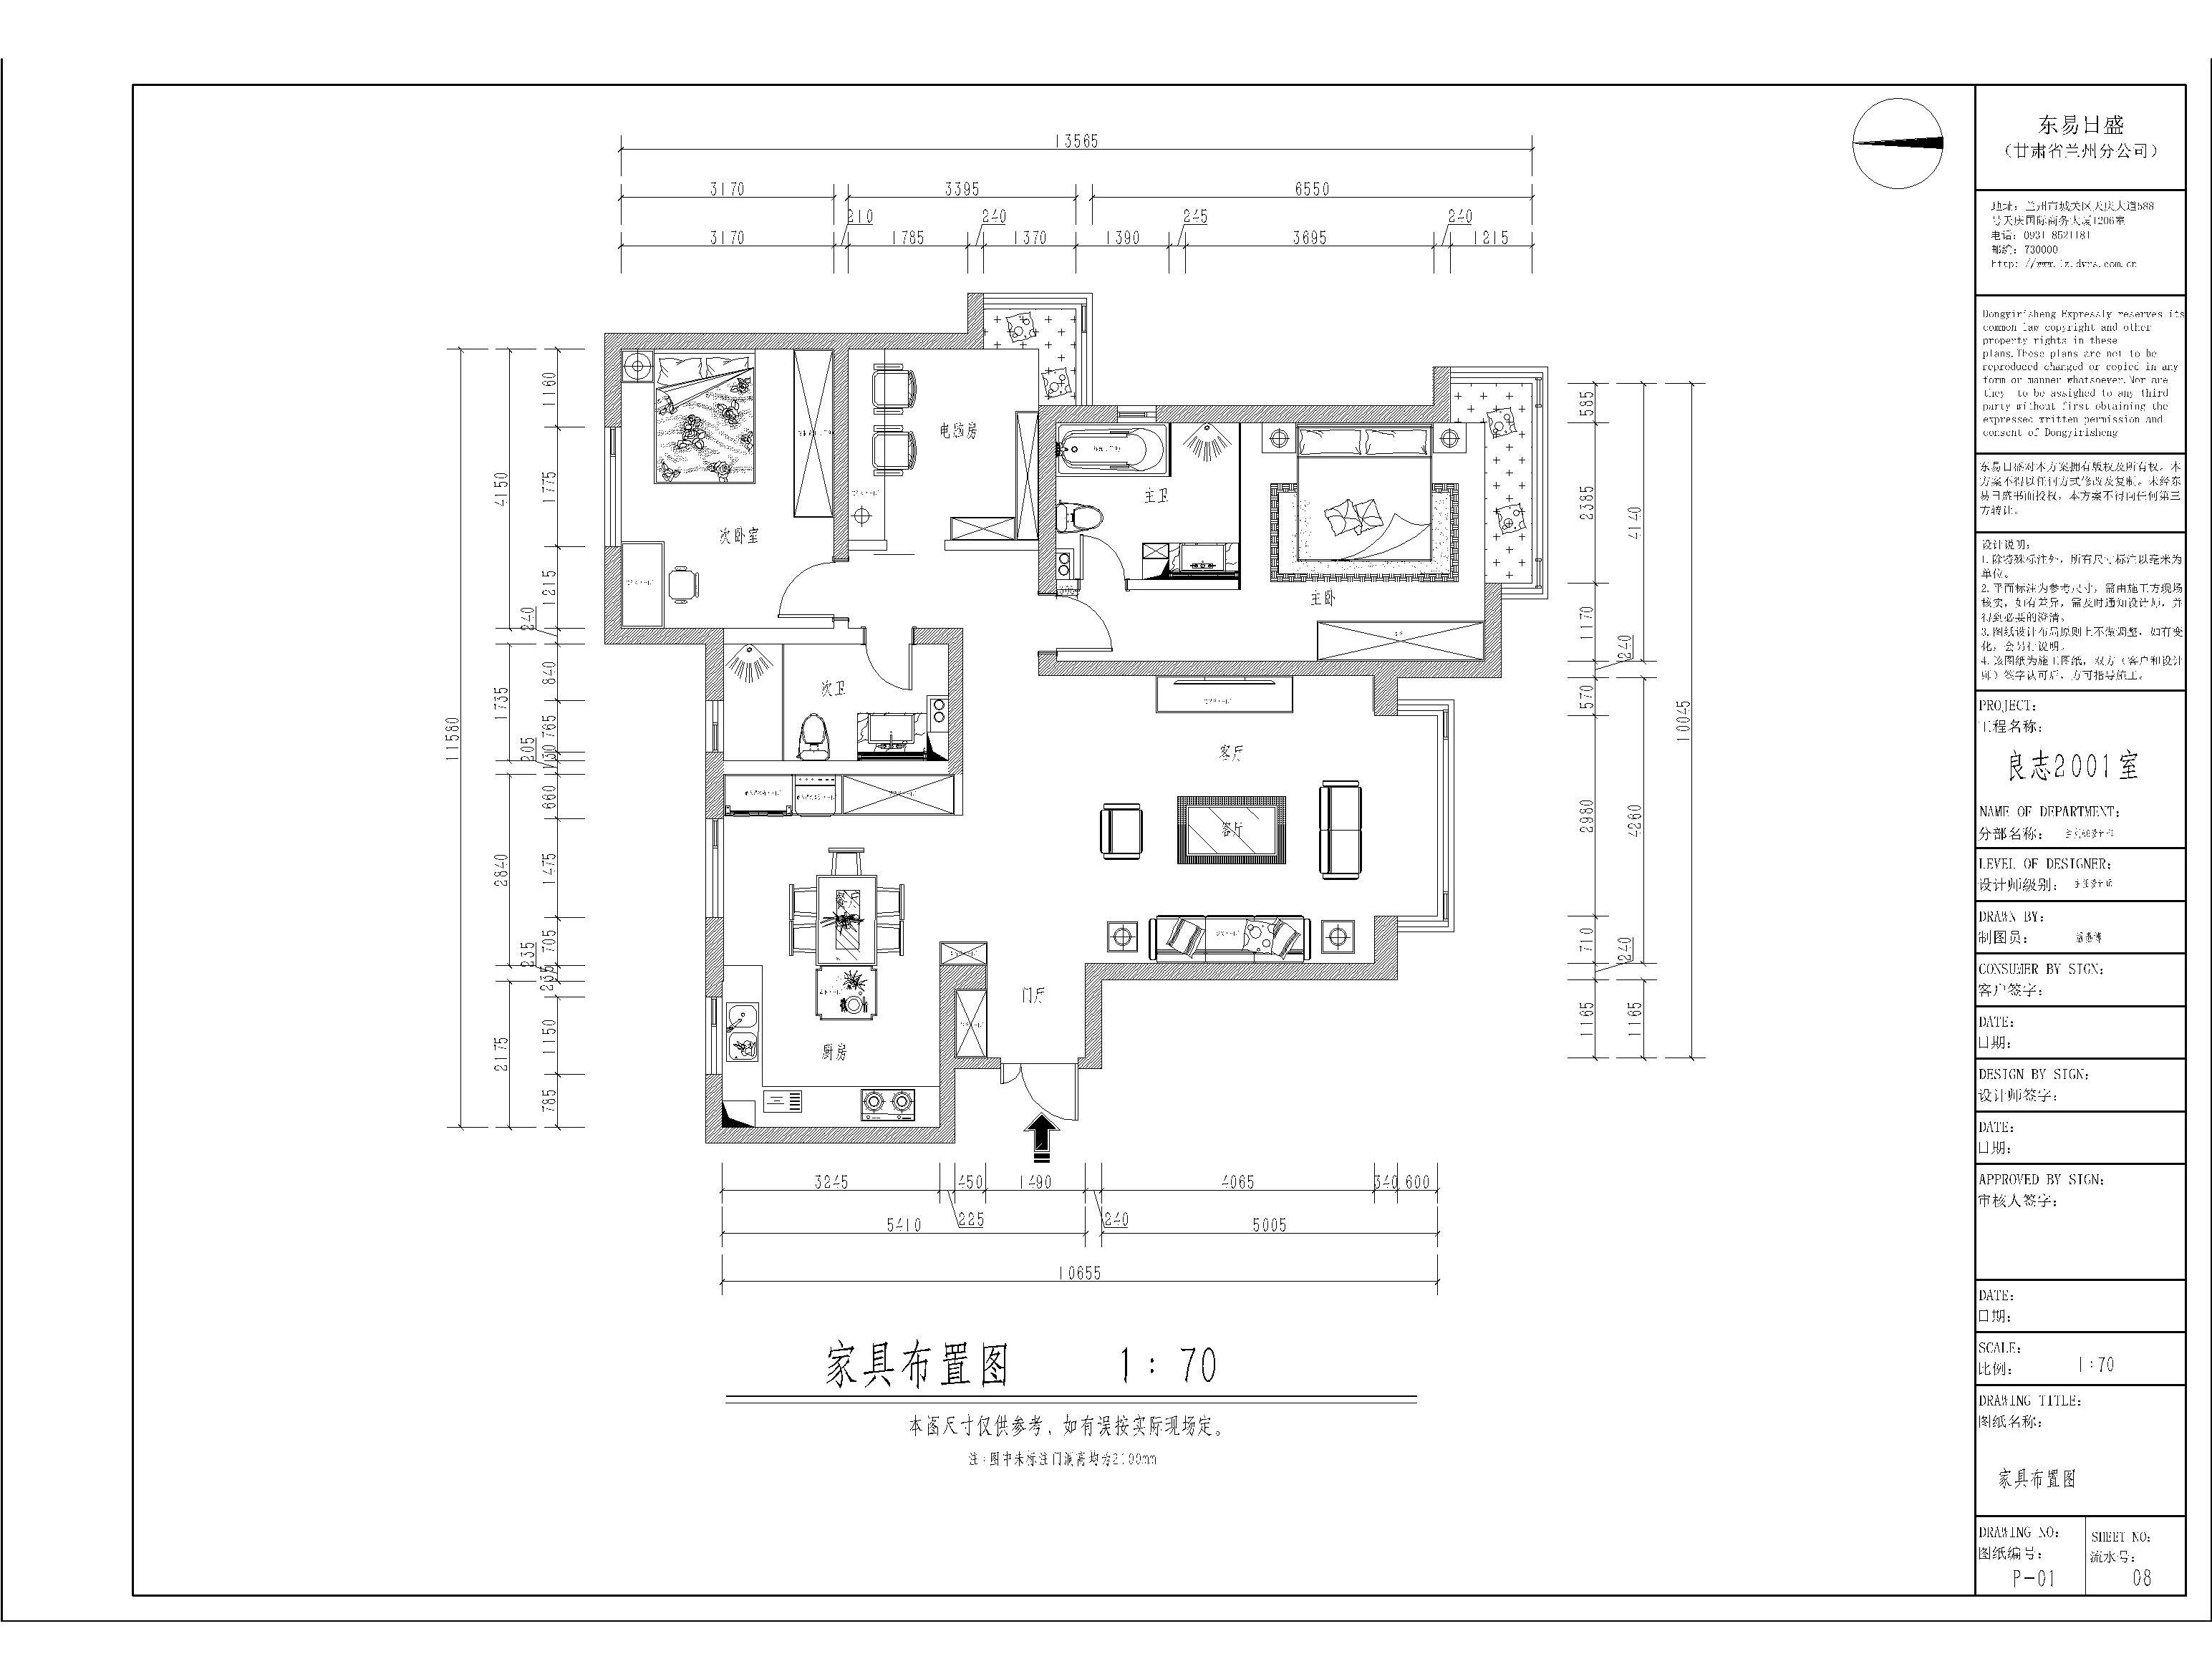 福迪瑞府小区-104平米-现代简约风格装修案例效果图装修设计理念